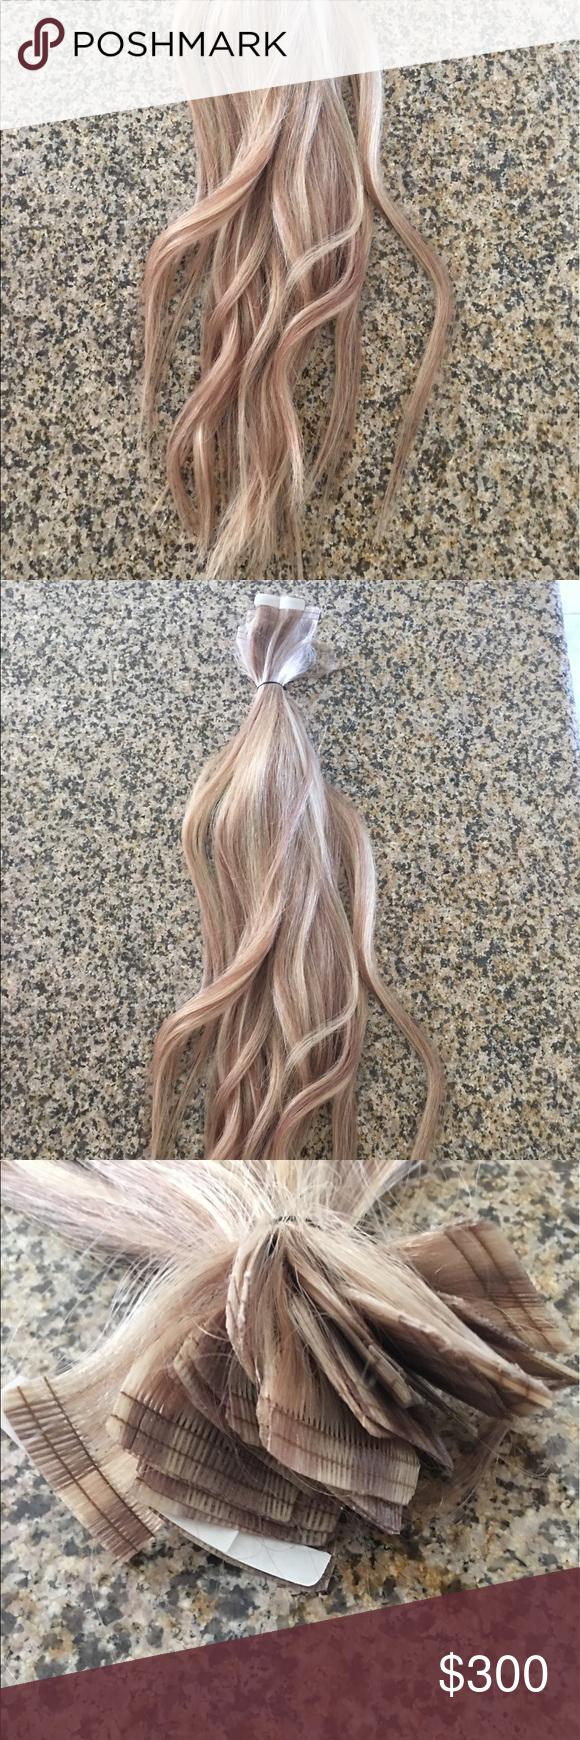 Babe Hair Extensions Babe Hair Extensions Tape Ins 22 Inches Cut A